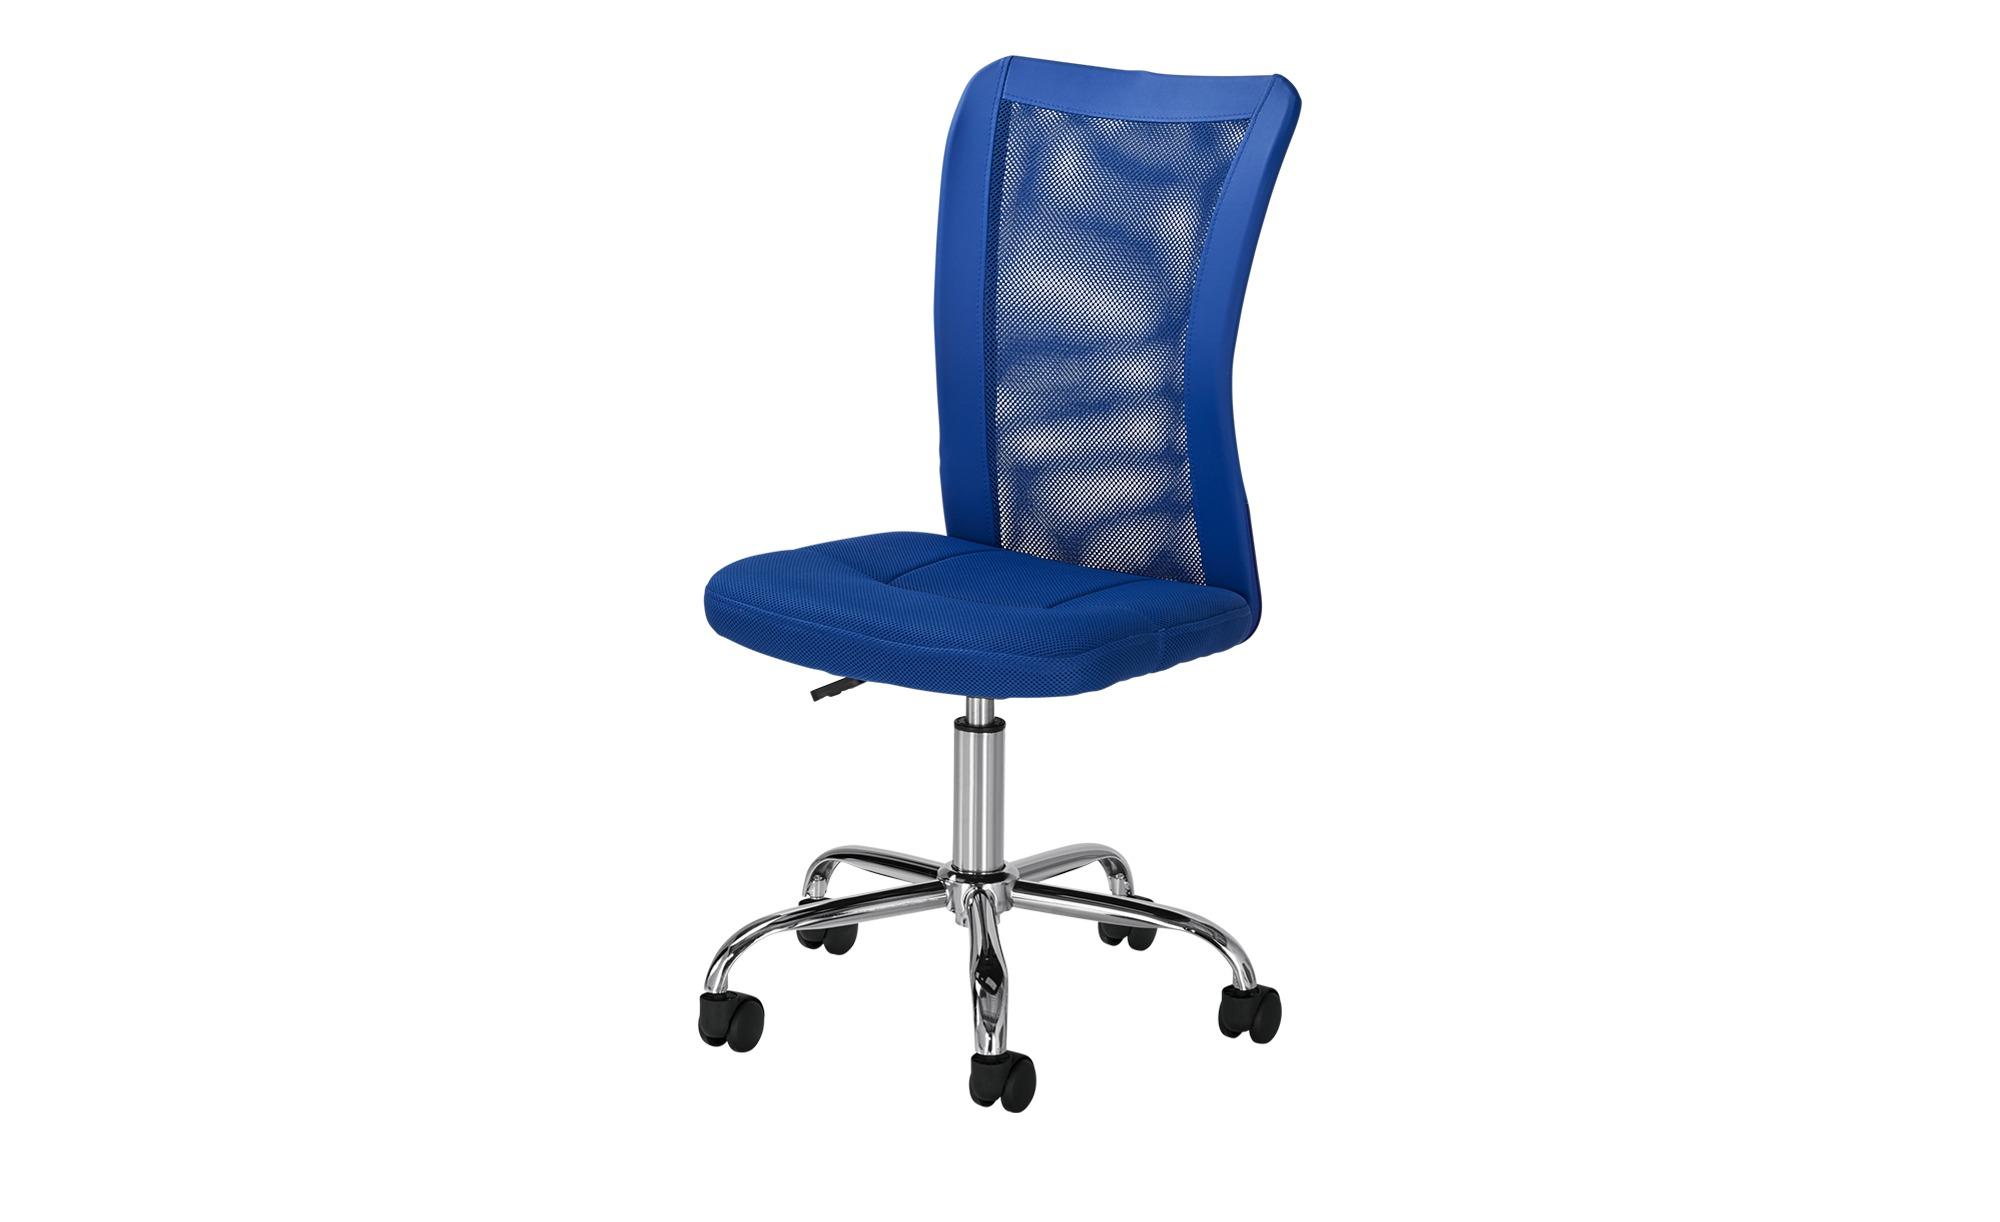 Drehstuhl  Ill ¦ blau Stühle > Bürostühle > Drehstühle - Höffner   Büro > Bürostühle und Sessel  > Bürostühle   Blau   Kunstleder   Möbel Höffner DE